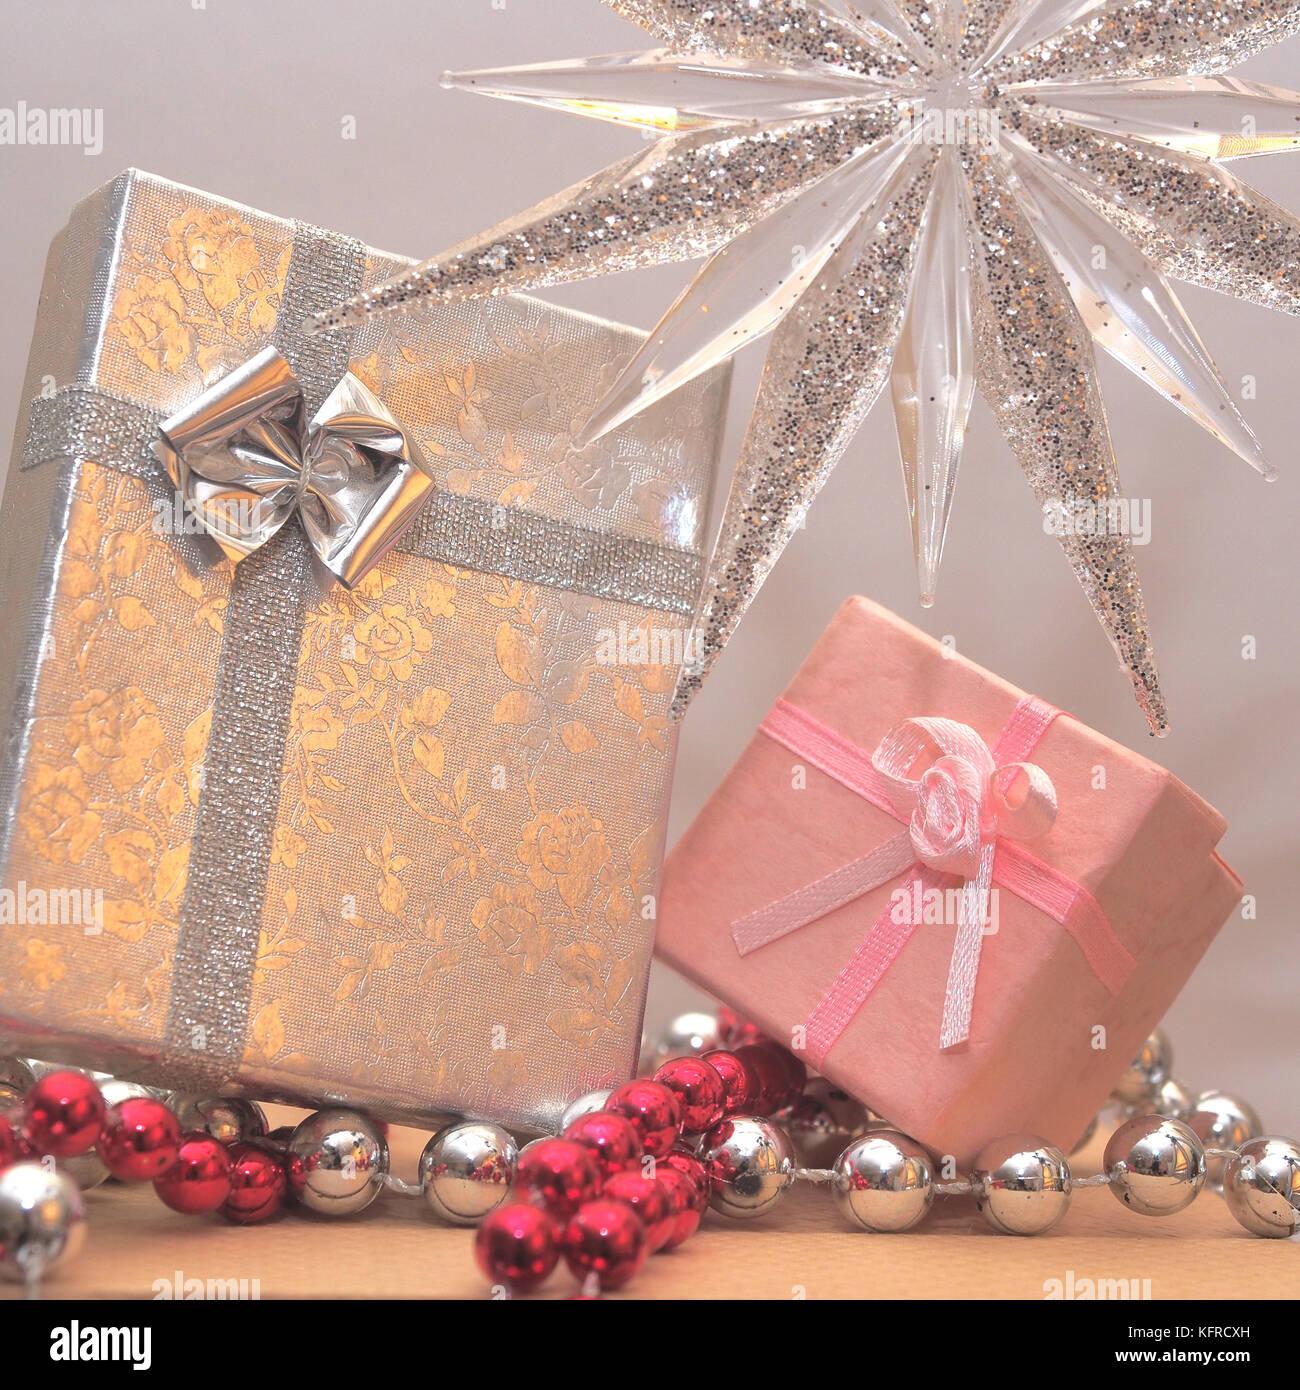 Foto De Regalos De Navidad O Regalos Envueltos En Envoltorio De